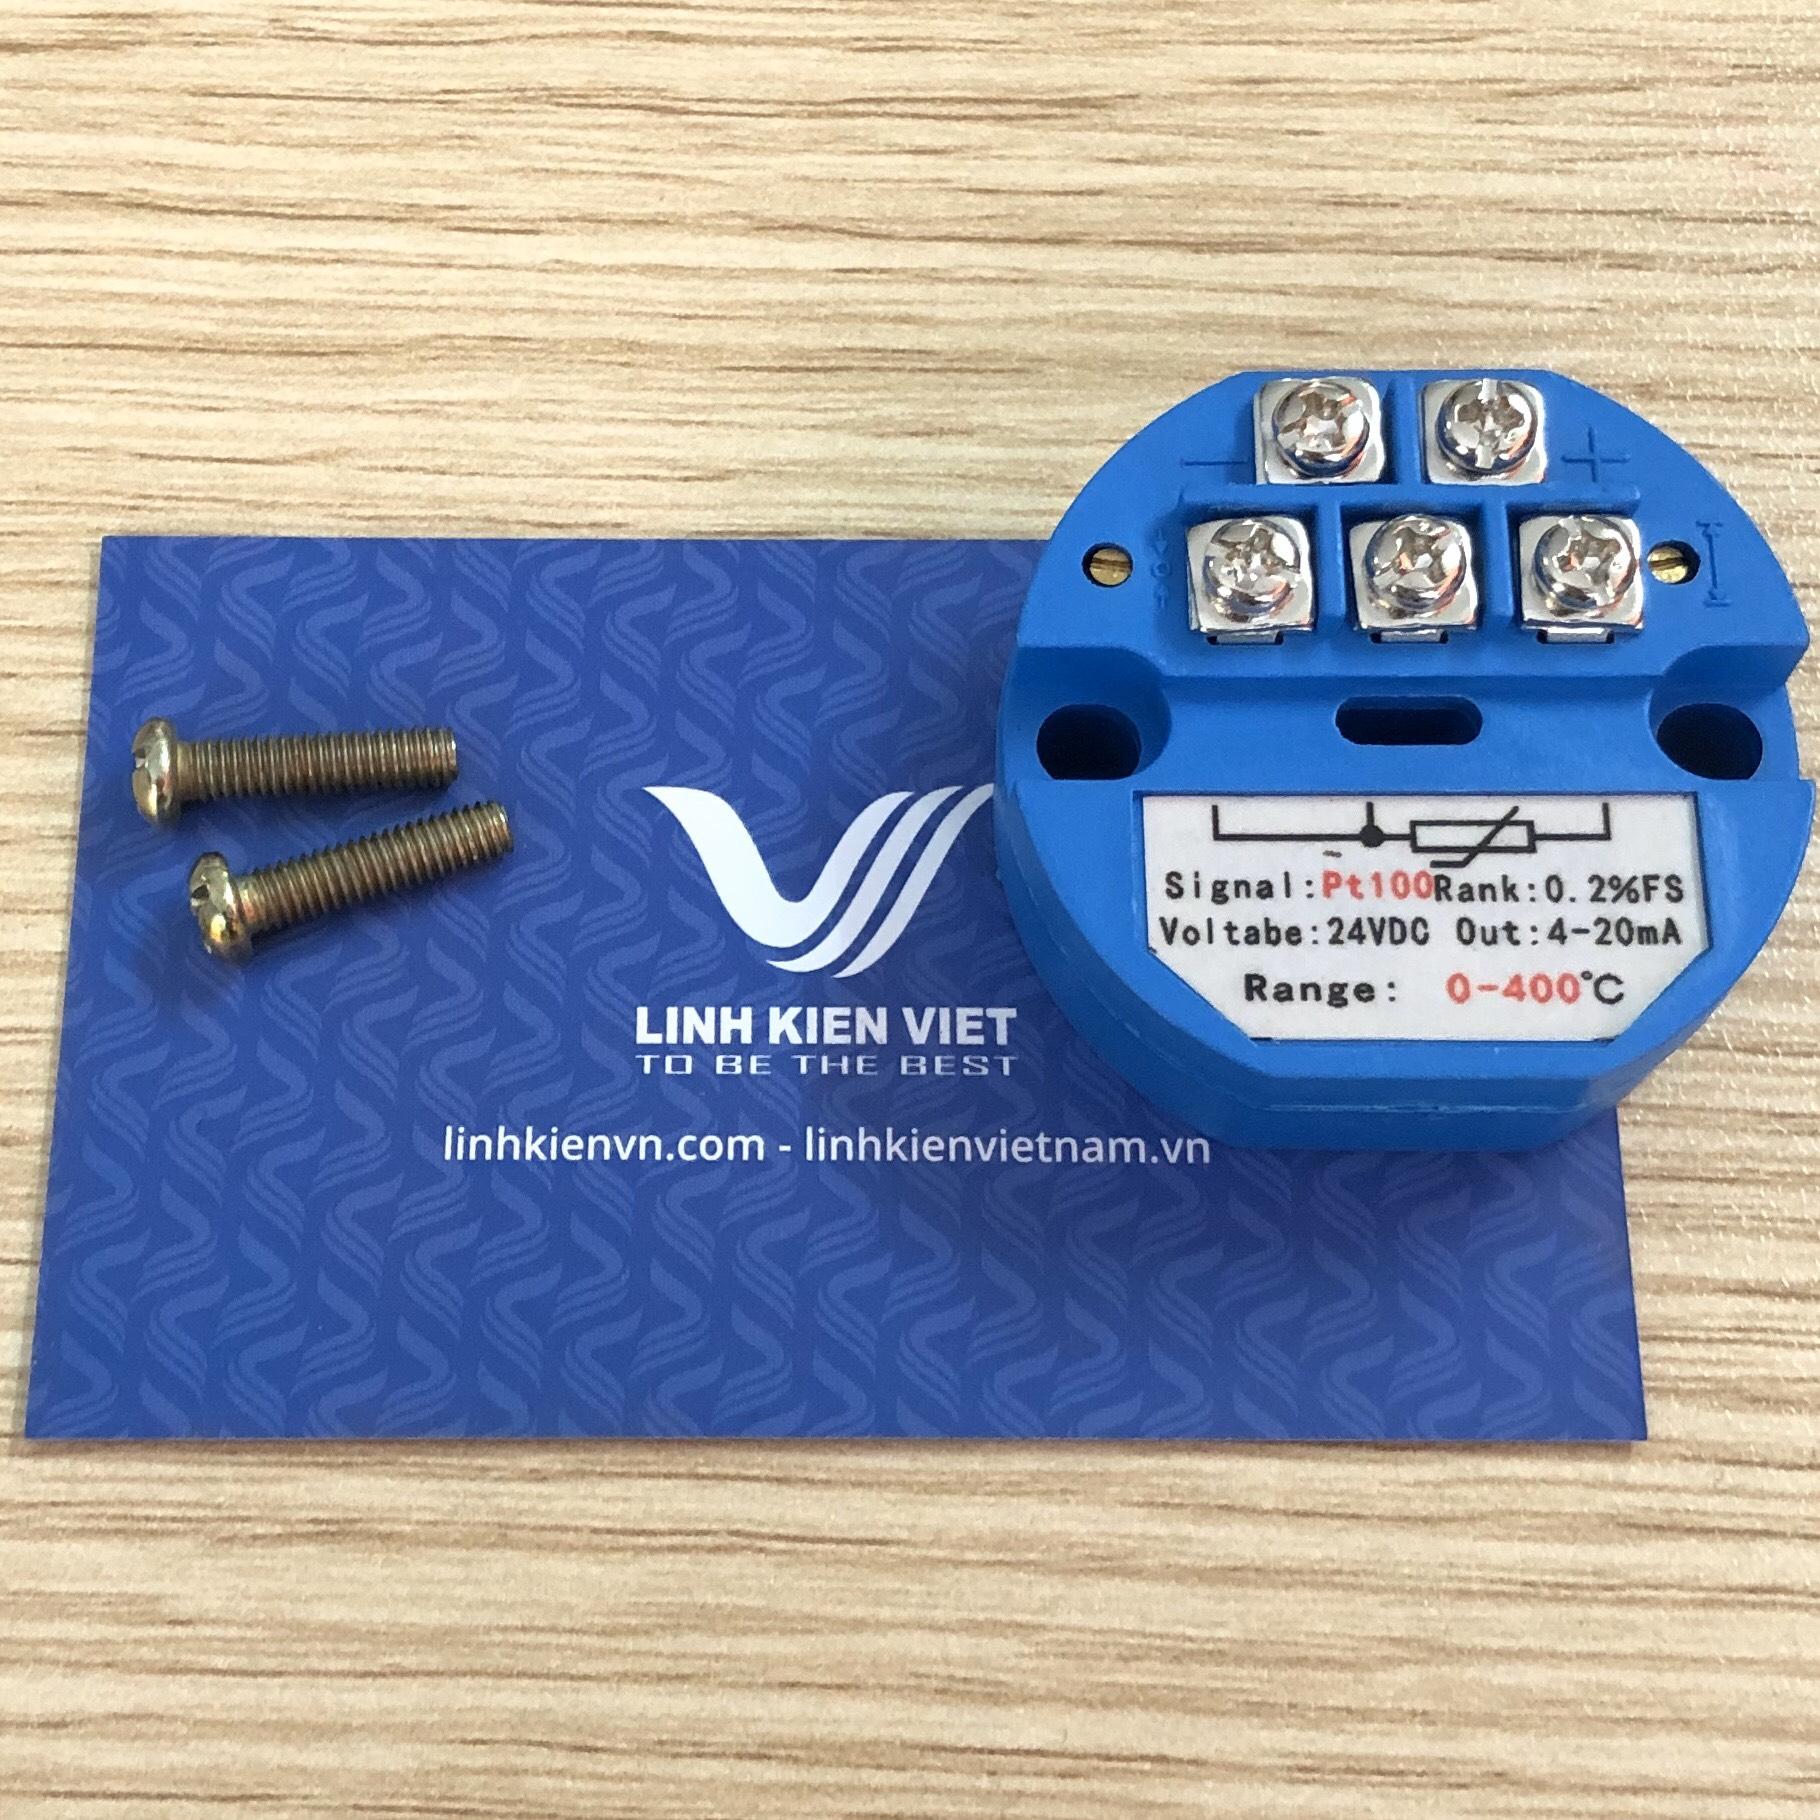 Bộ chuyển đổi nhiệt độ PT100 4-20mA / 0-400 độ - J2H16